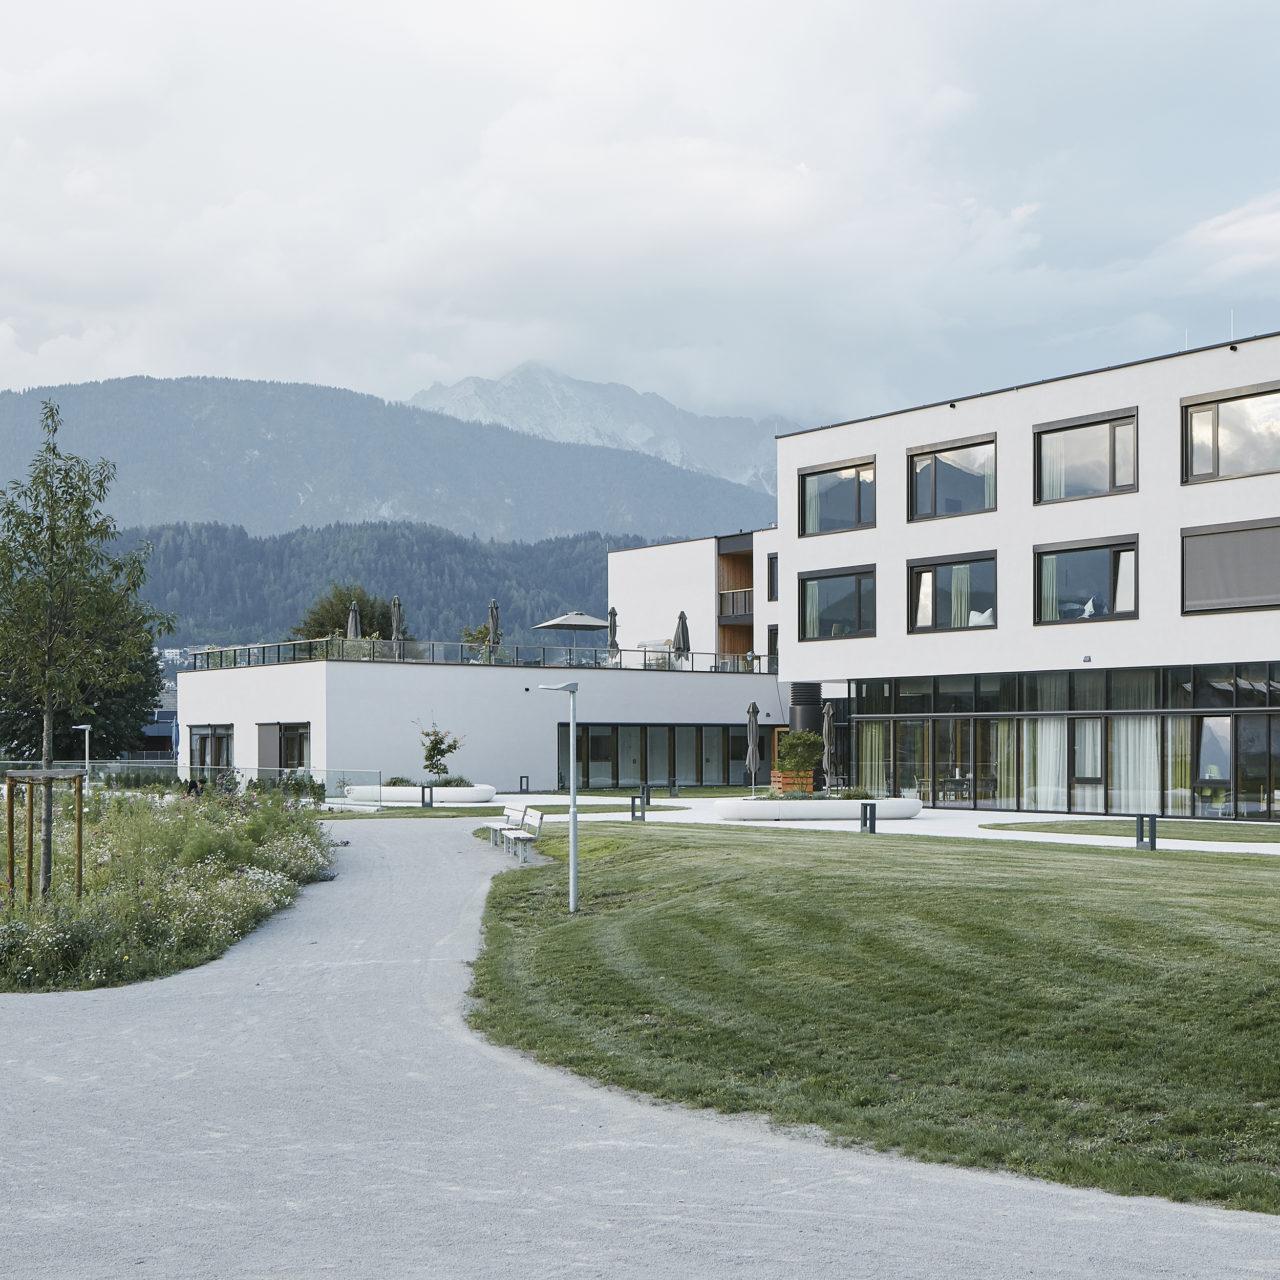 Haus am Kirchfeld Park Foto David Schreyer